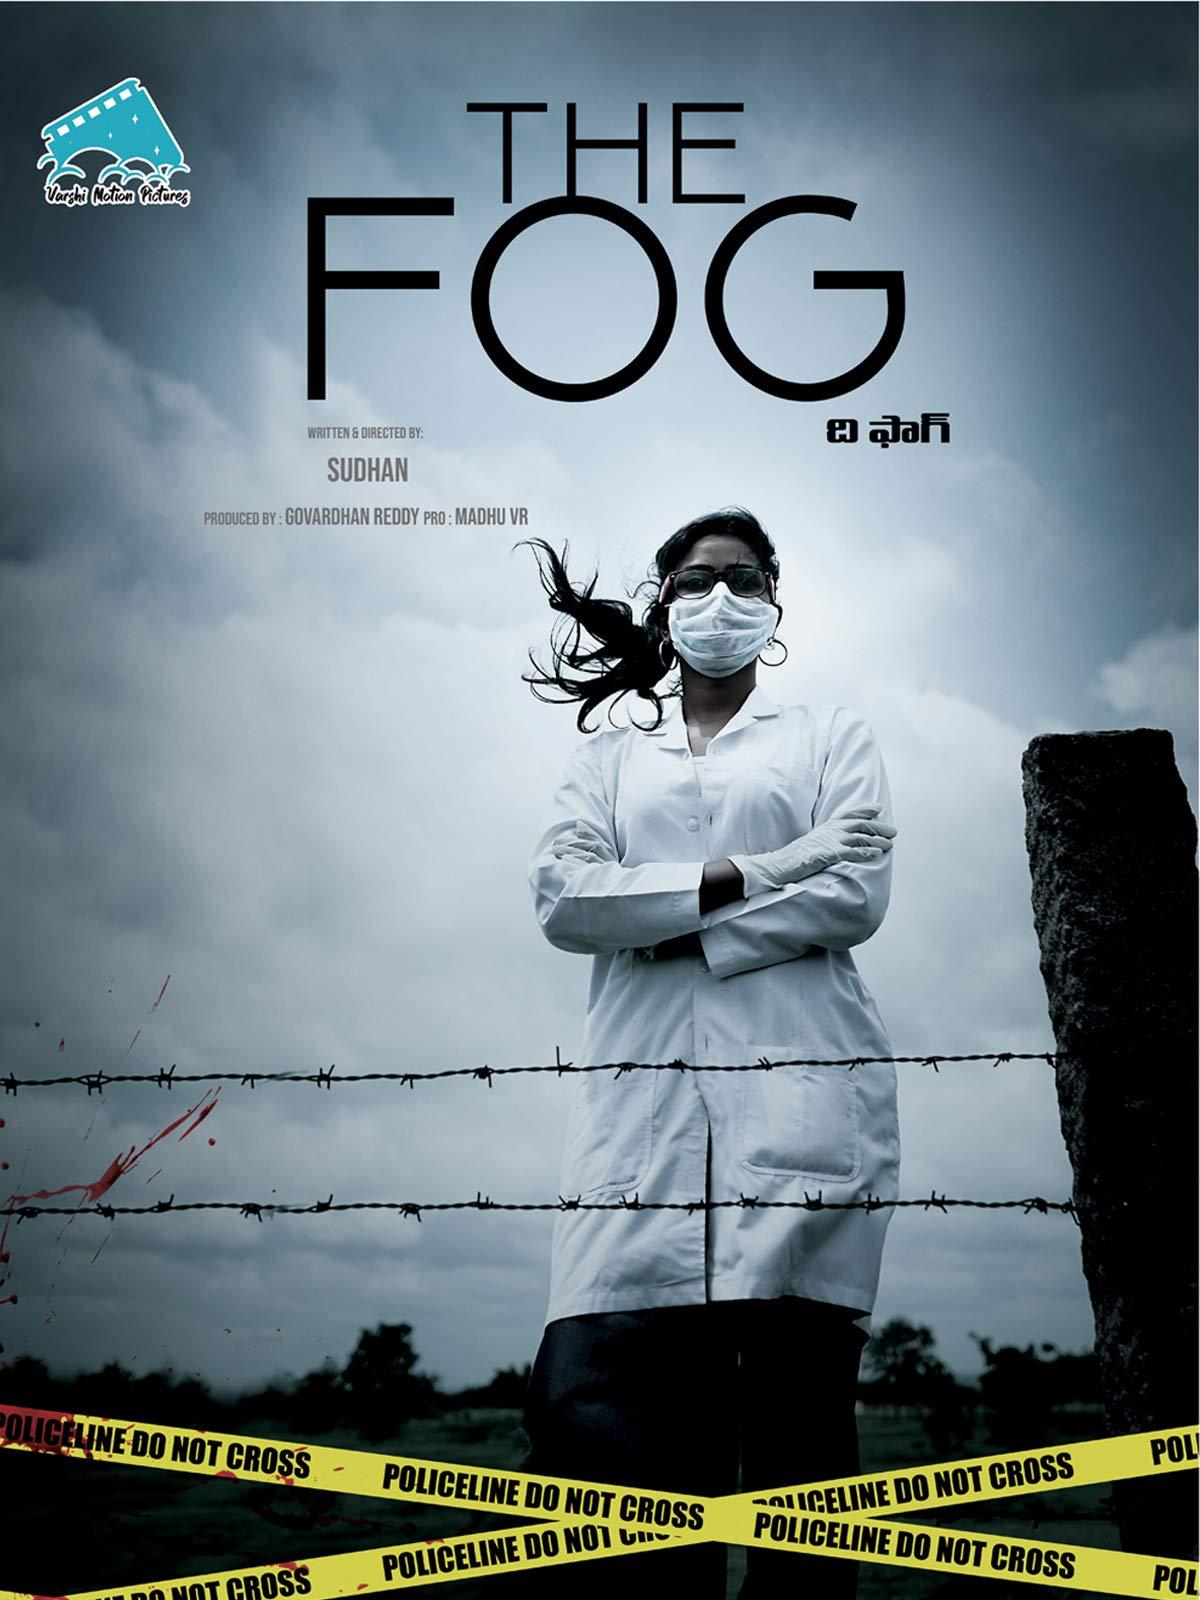 فيلم The Fog 2021 مترجم